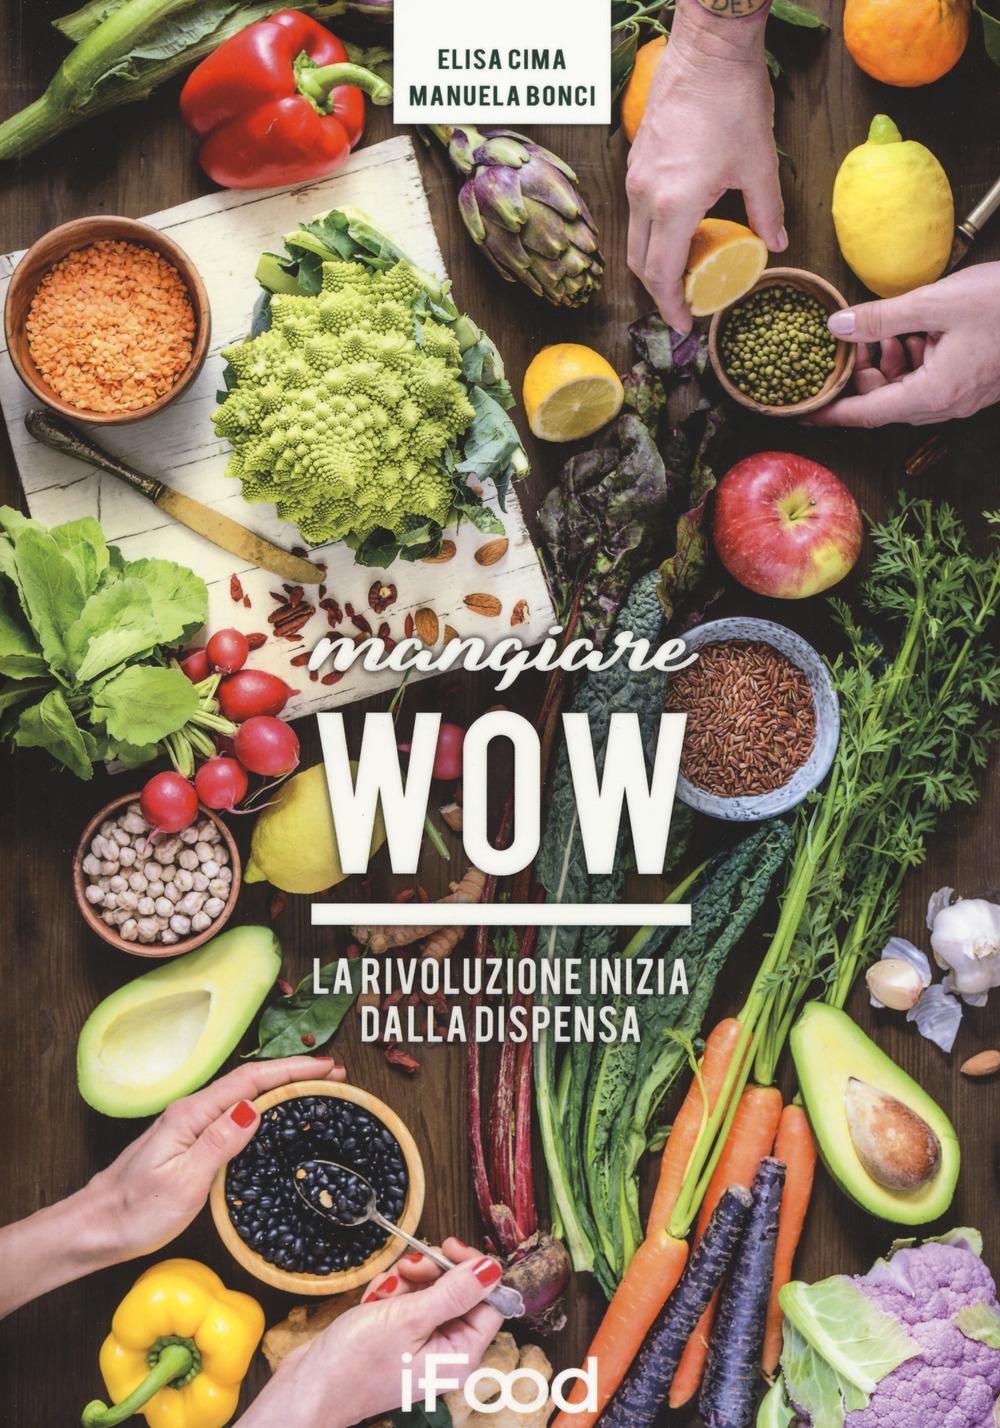 Mangiare wow: la rivoluzione inizia in dispensa